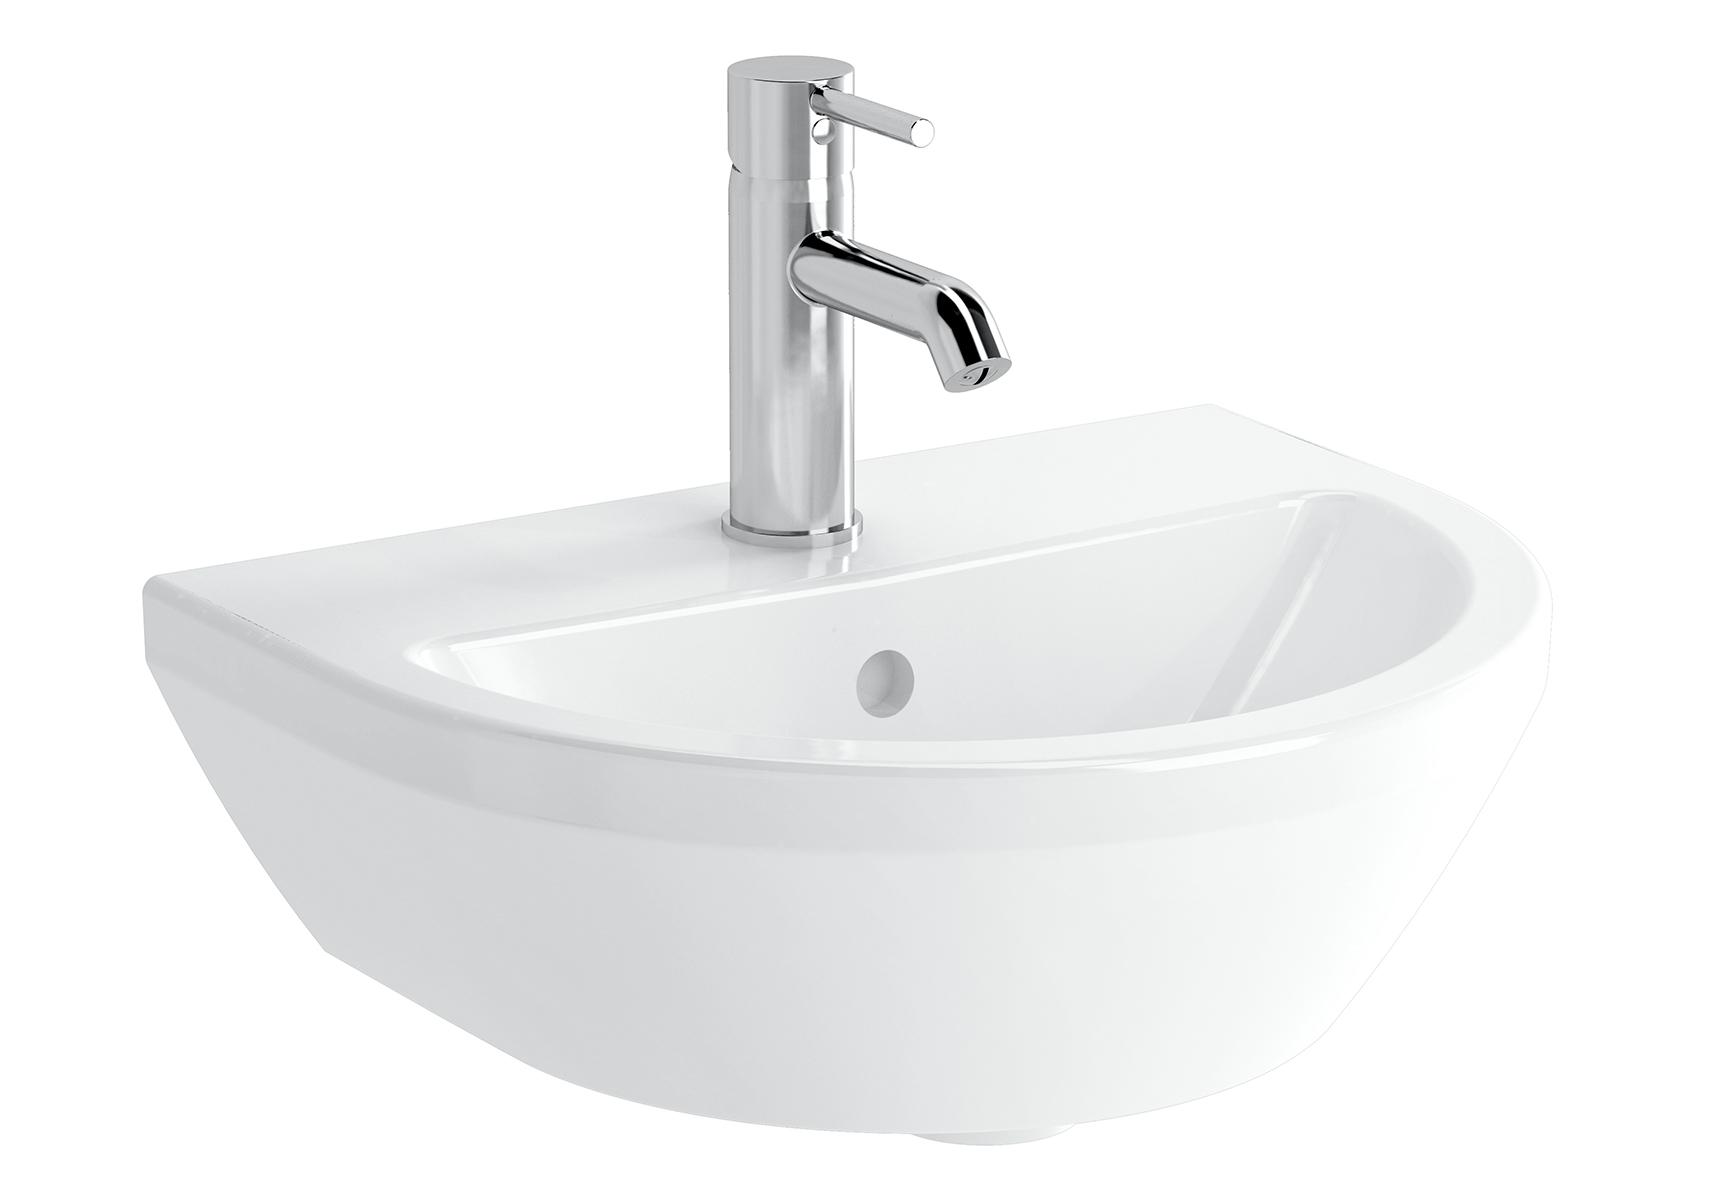 Integra lavabo rond, 45 cm, sans trou de robinet, sans trop-plein